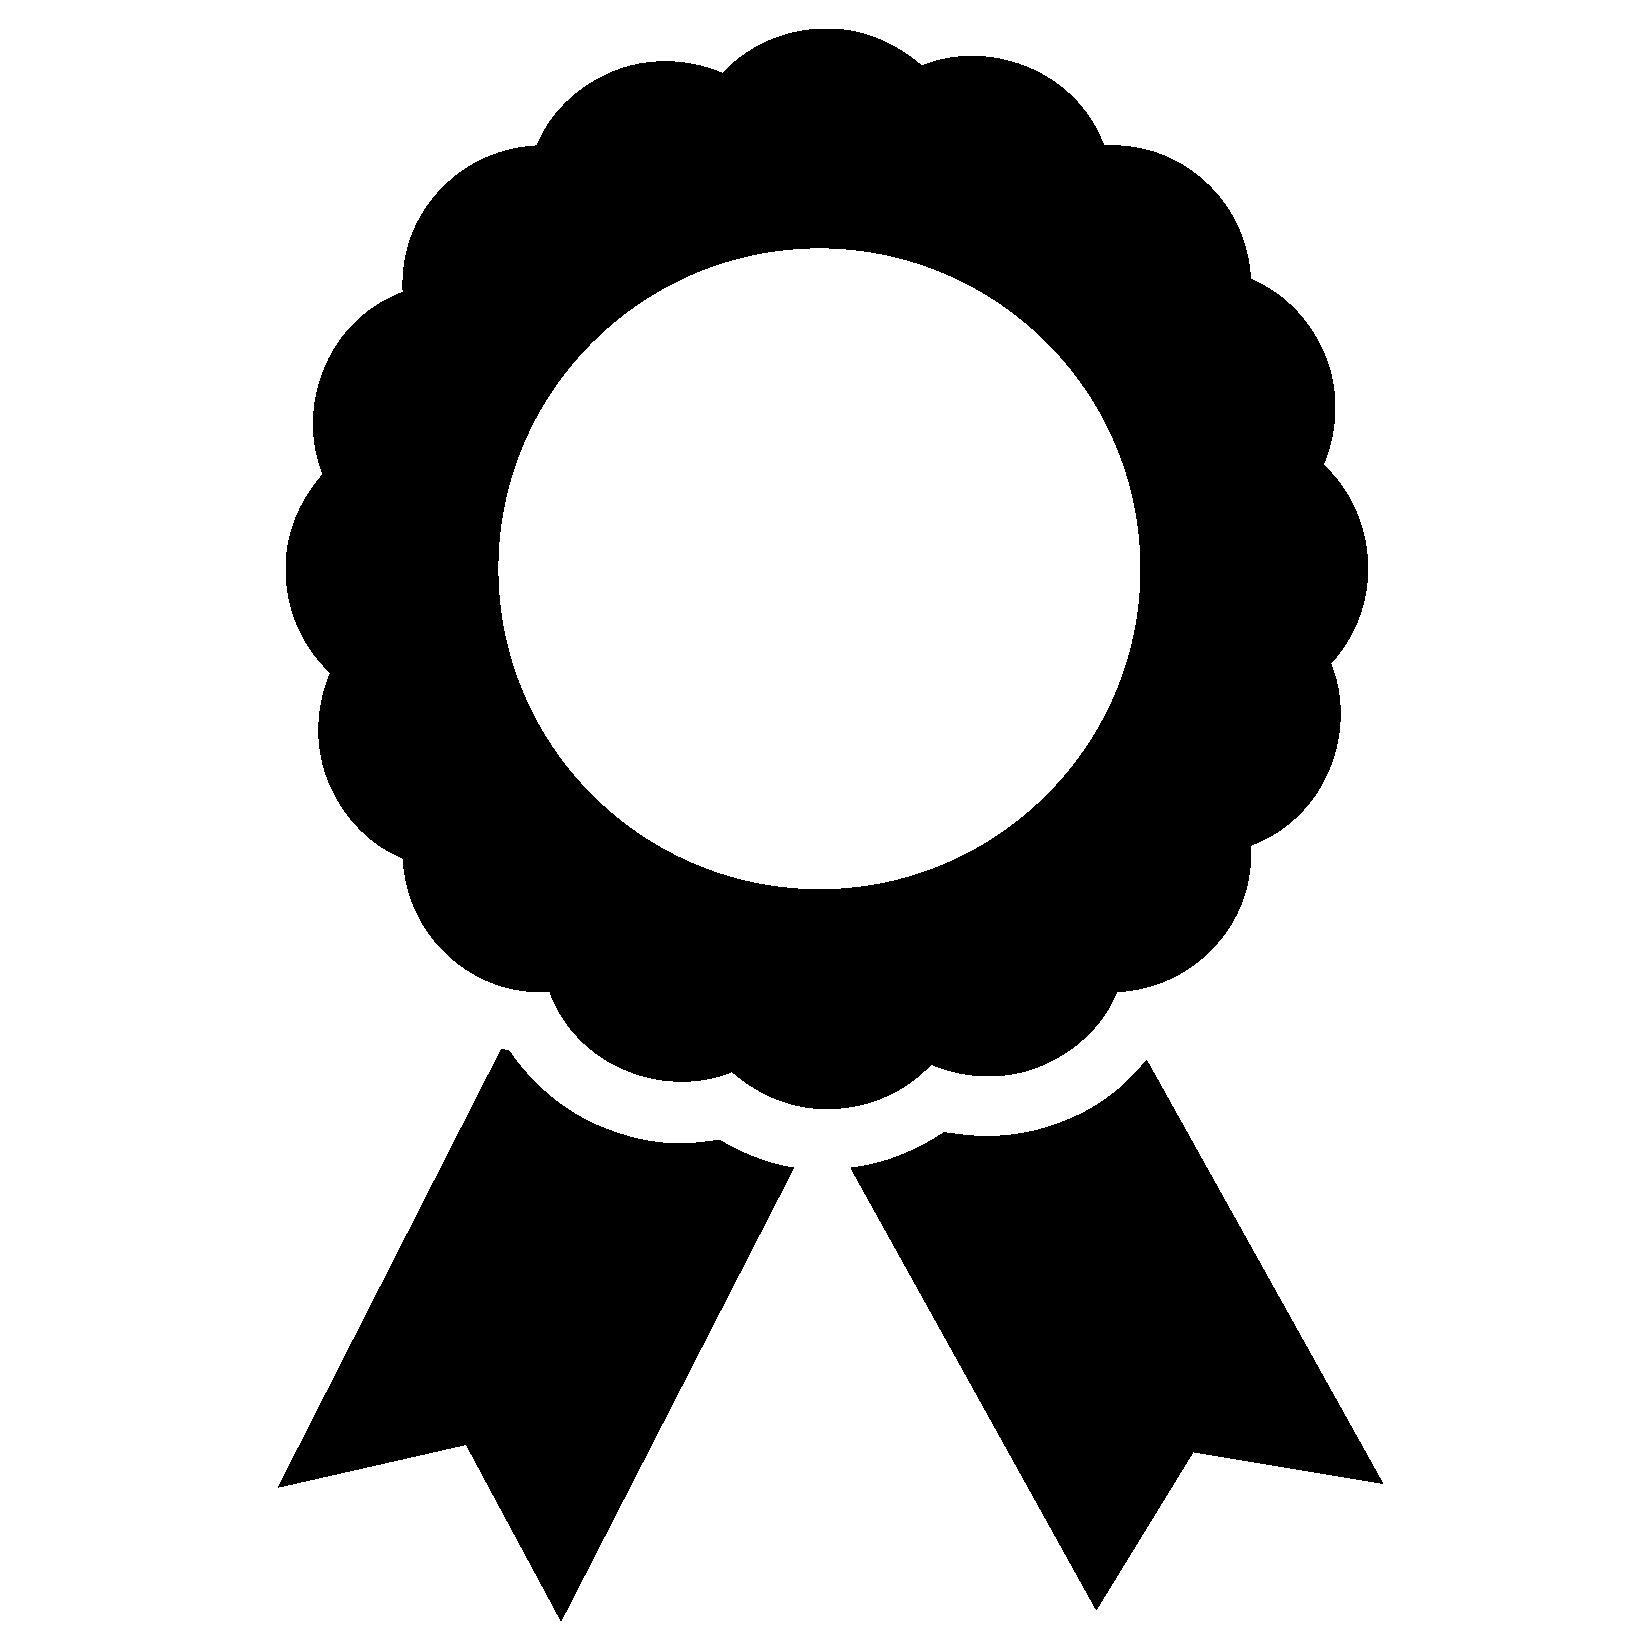 icons landing-022-2.png